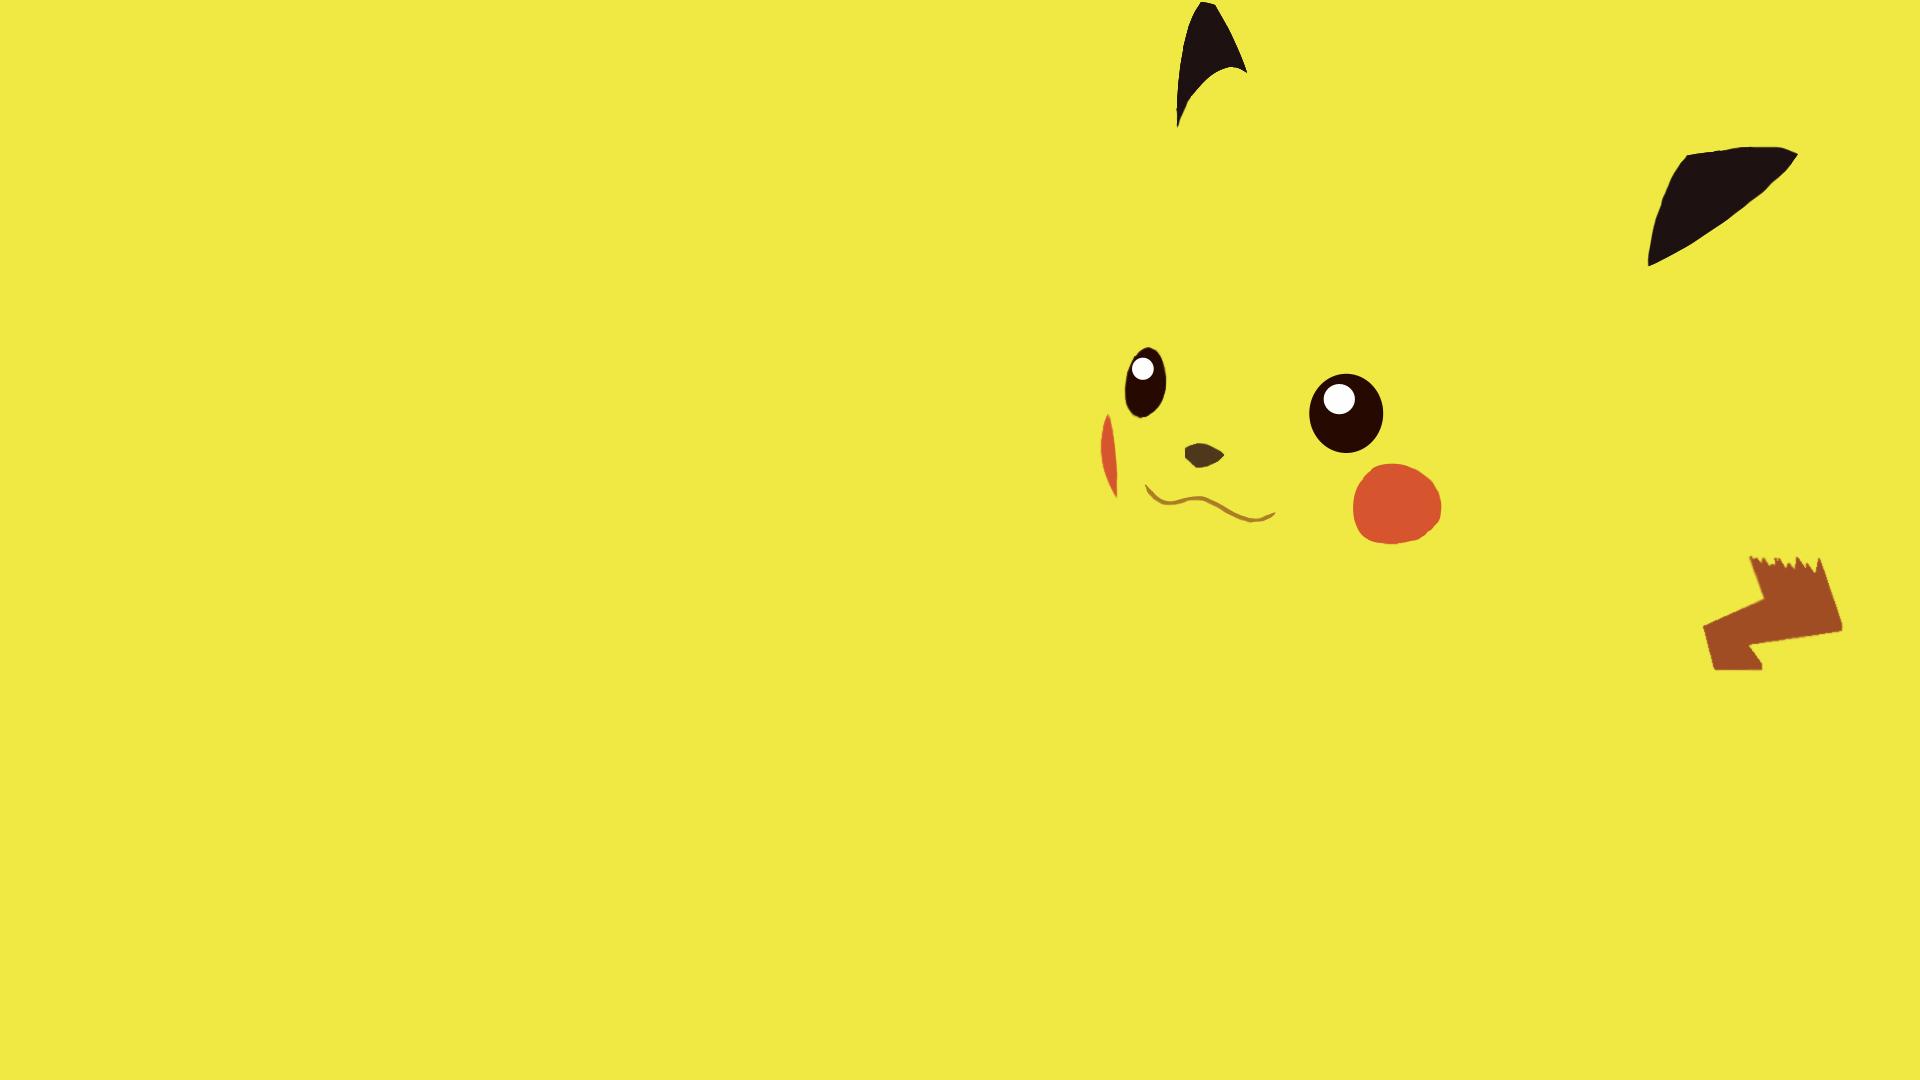 Download Pokemon Pikachu Wallpaper 1920x1080 Wallpoper 1920x1080